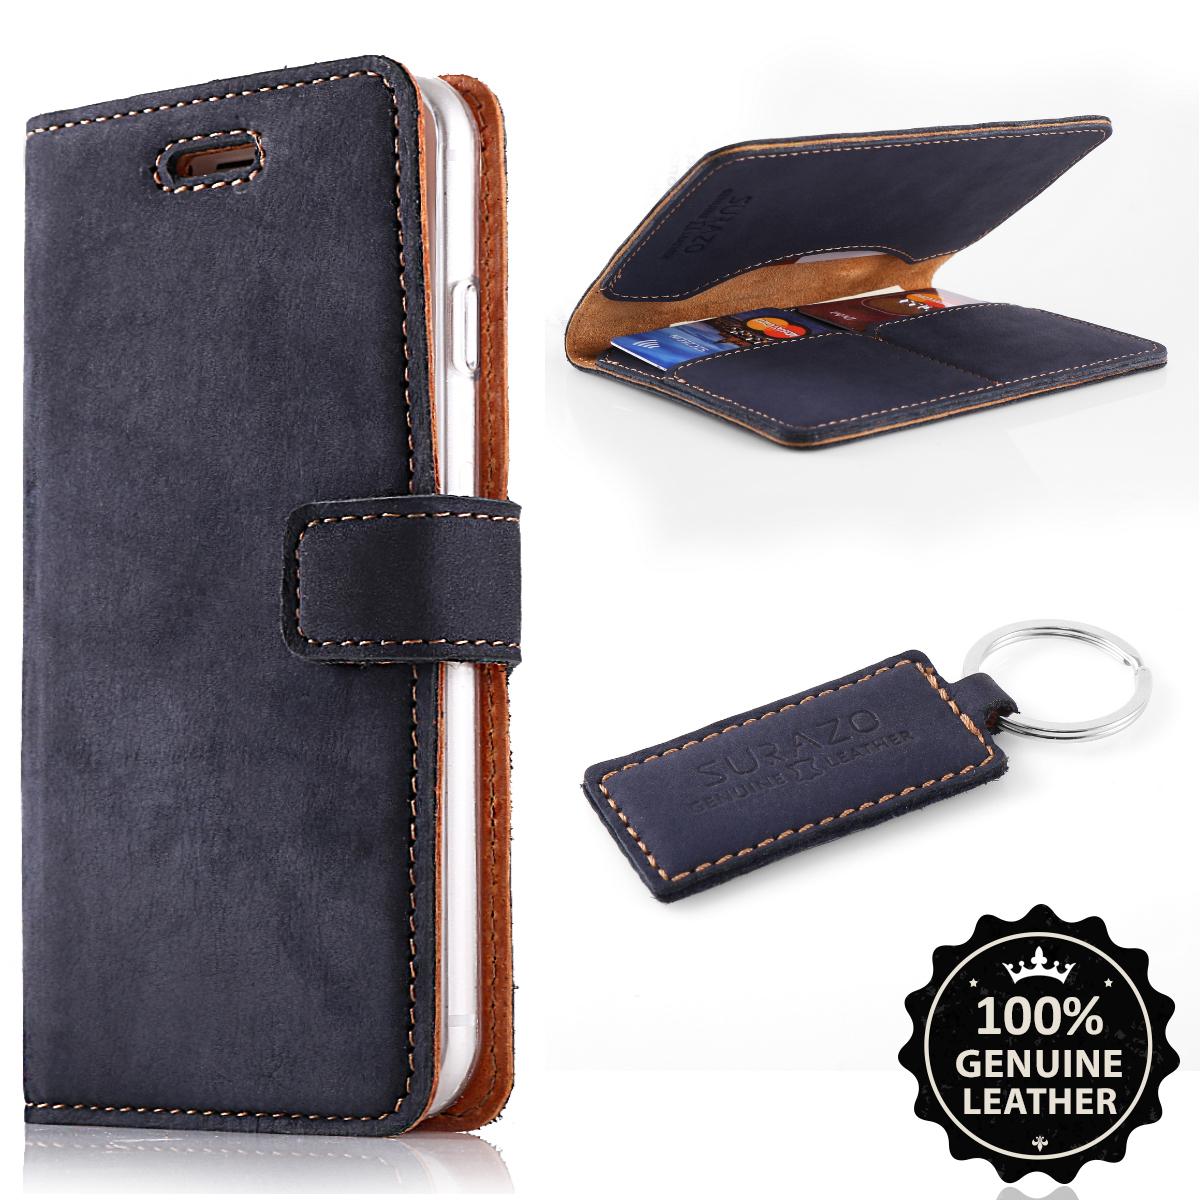 Farbe Blau Handy-zubehör Premium Echtes Ledertasche Schutzhülle Tpu Wallet Flip Case Nubuk Taschen & Schutzhüllen